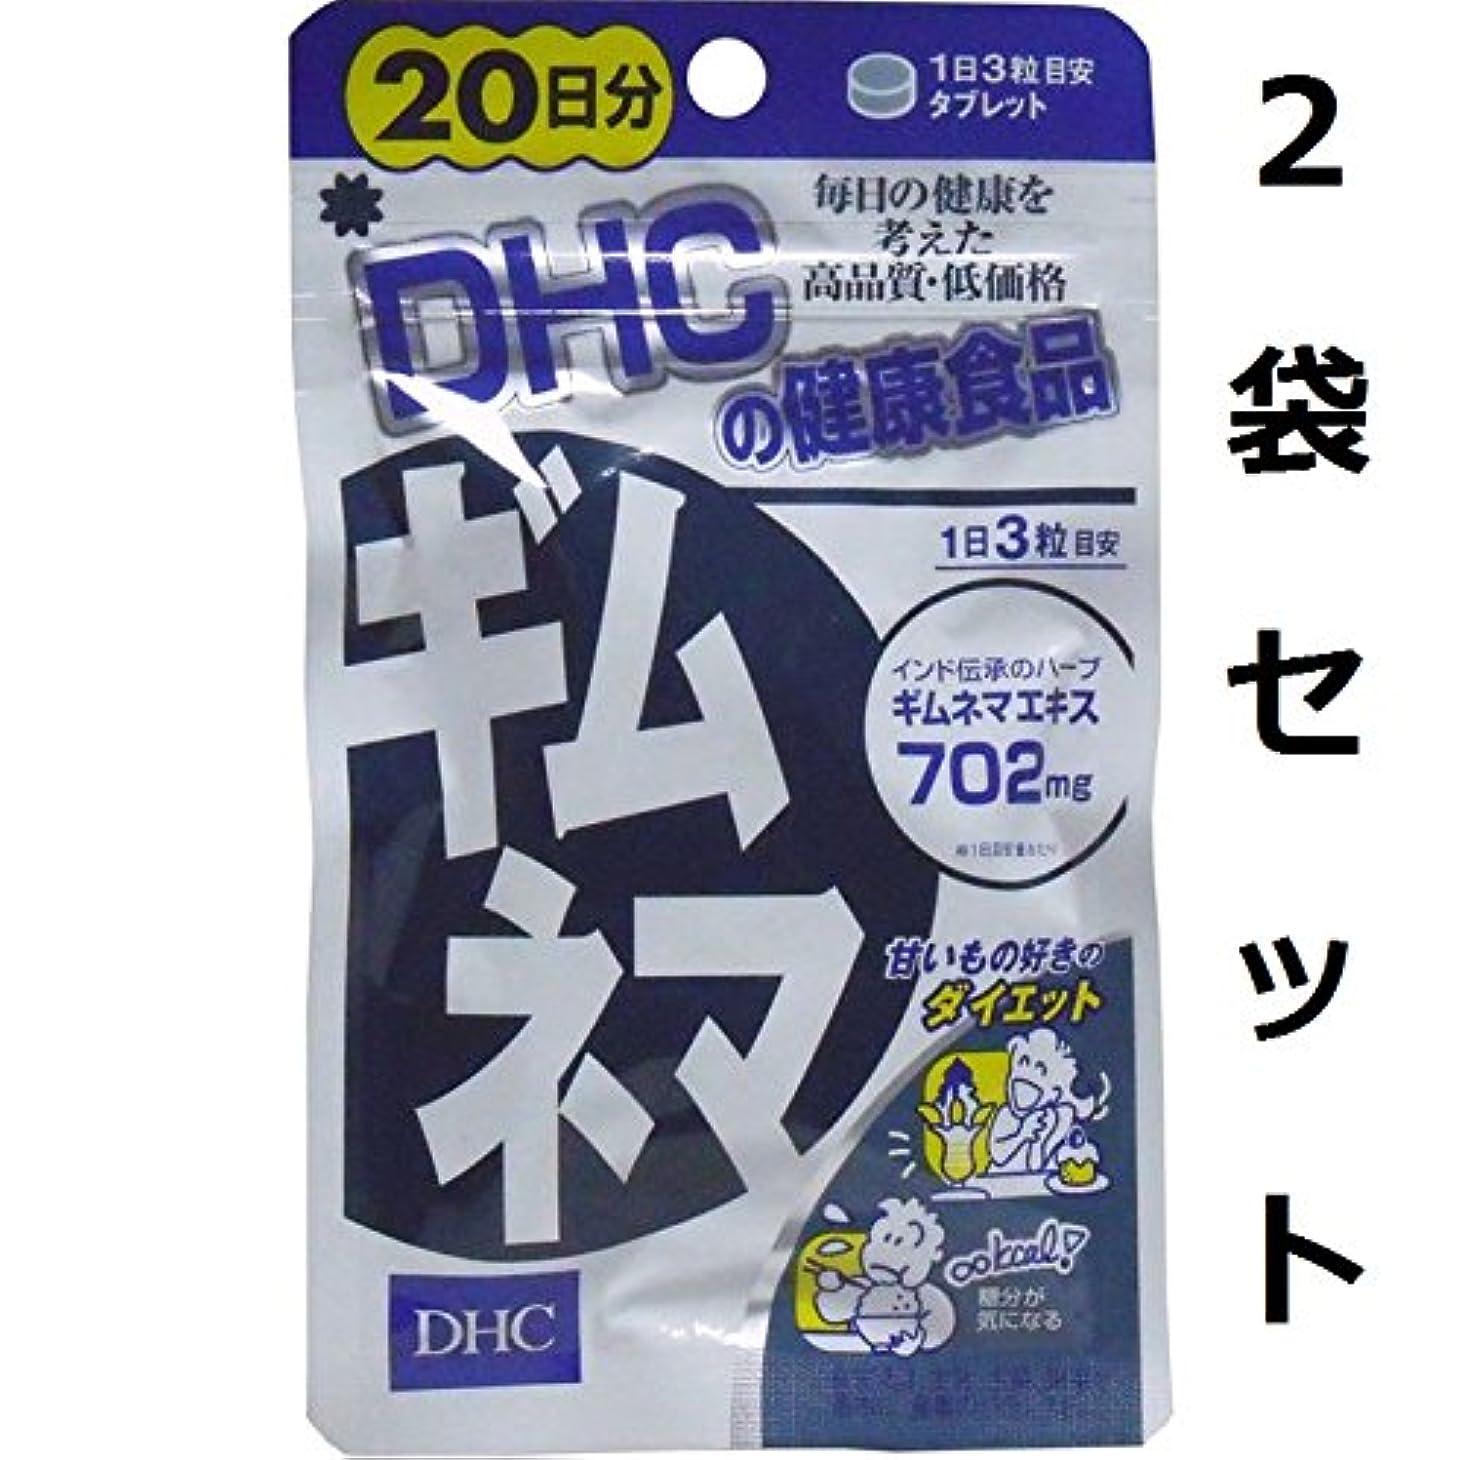 水星アナニバー迷路大好きな「甘いもの」をムダ肉にしない DHC ギムネマ 20日分 60粒 2袋セット